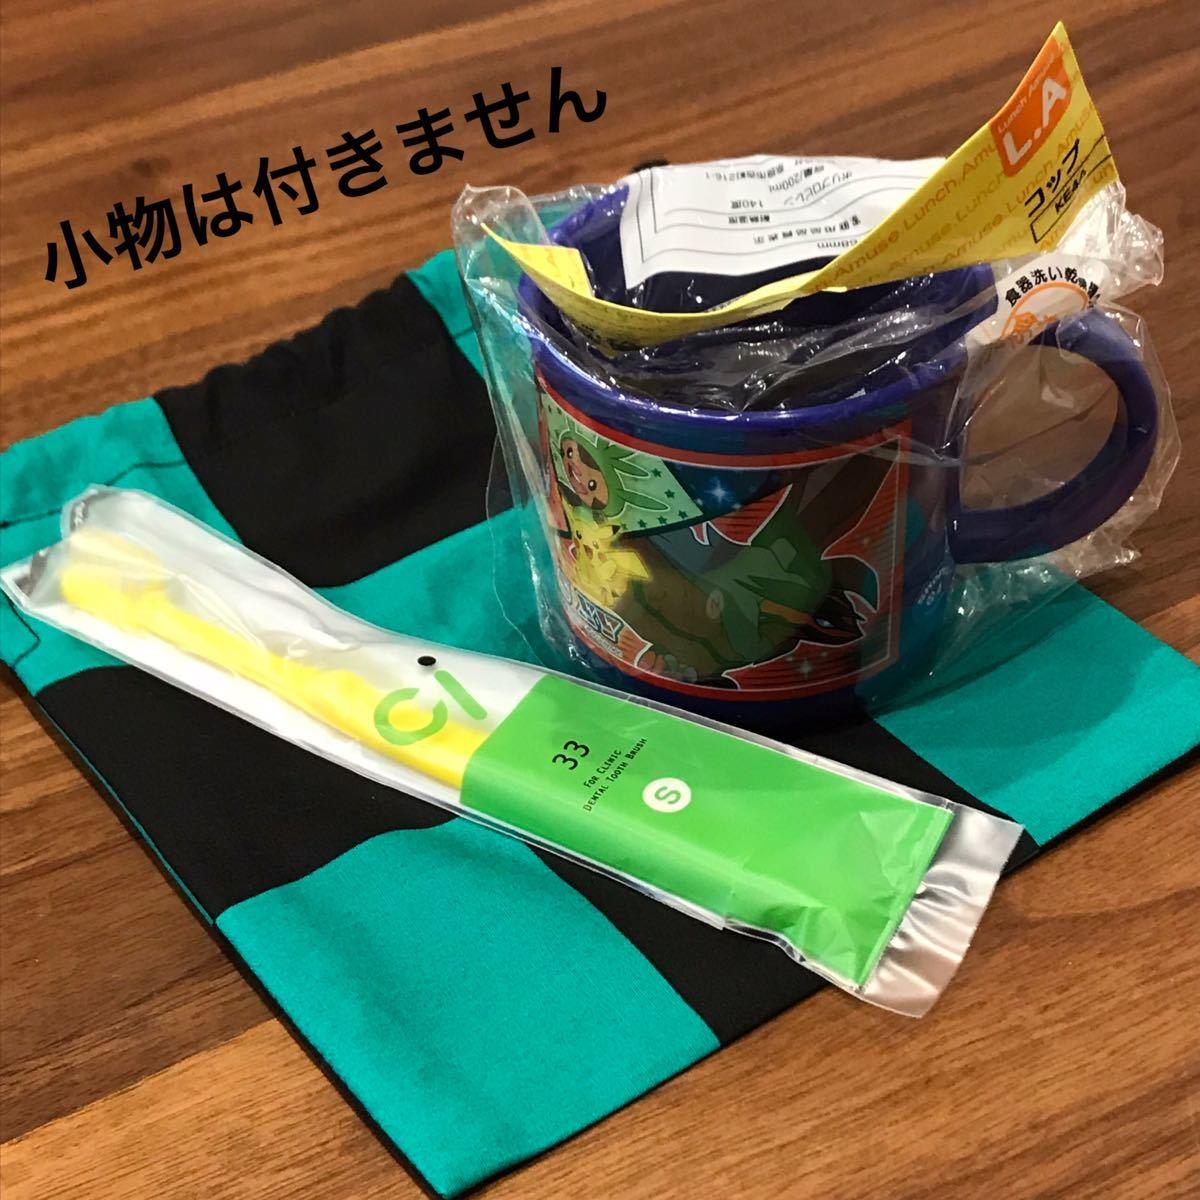 鬼滅の刃 炭治郎 巾着 袋 コップ入れ 小物入れ 緑×黒 市松模様 ハンドメイド